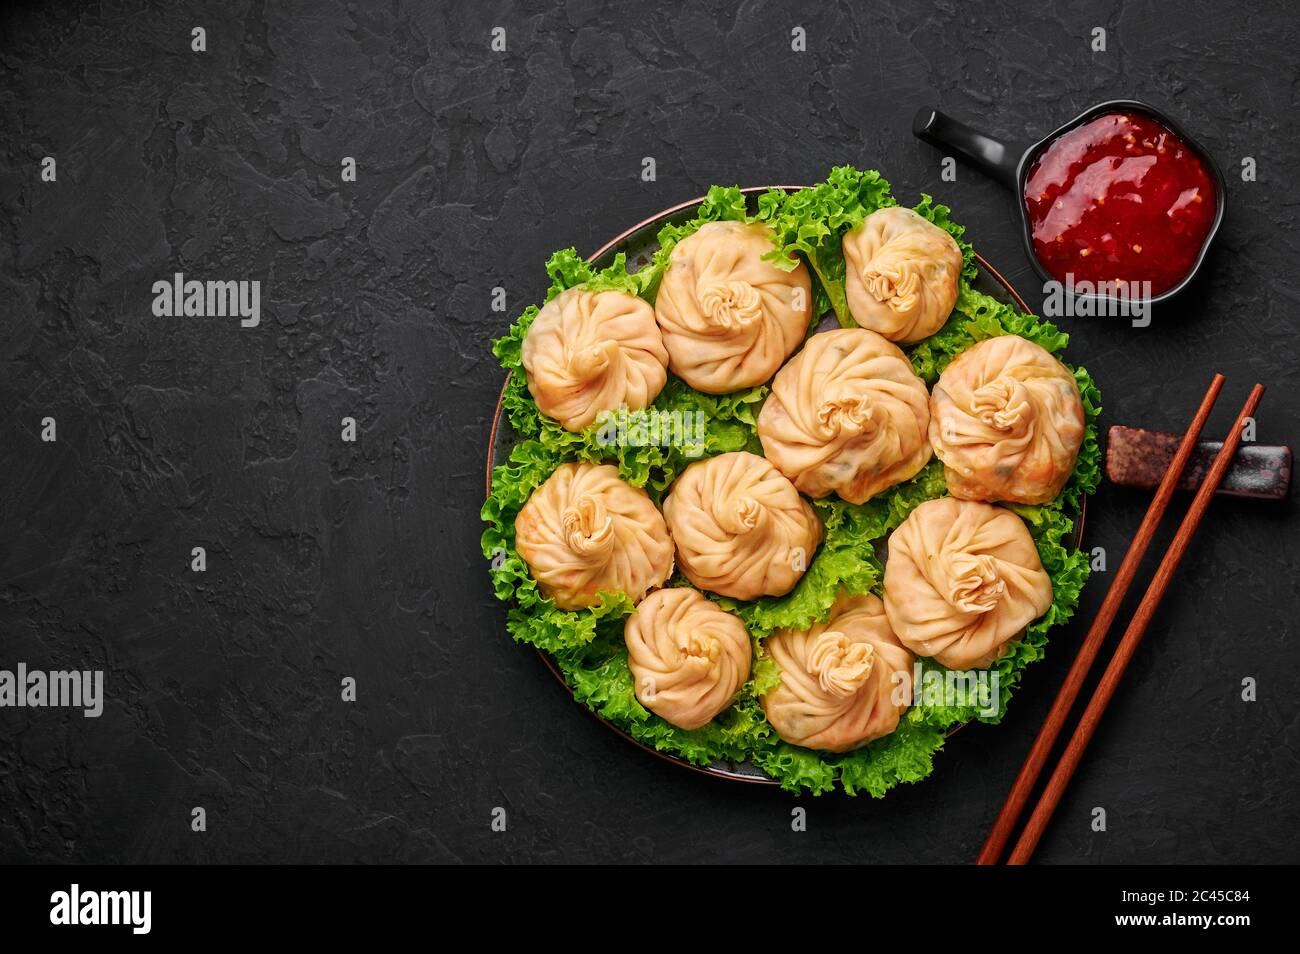 Veg Momos sur table en ardoise noire. Momos est le plat populaire de cuisine indienne, tibétaine, chinoise. Cuisine asiatique. Repas végétarien. Copier l'espace. Vue de dessus Banque D'Images